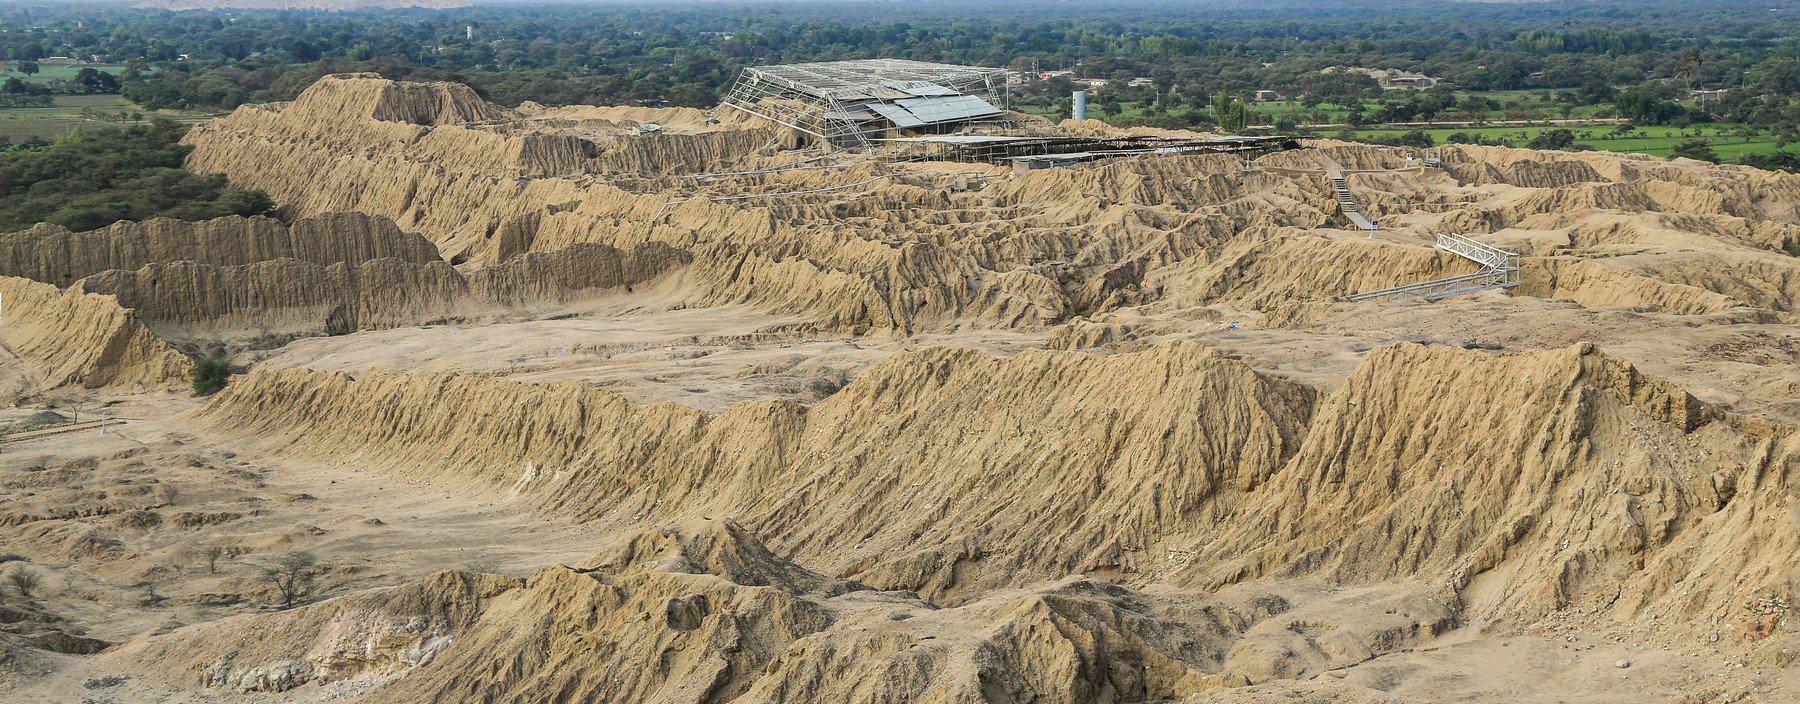 pe, chiclayo, tucume vallei van de piramiden (2).jpg